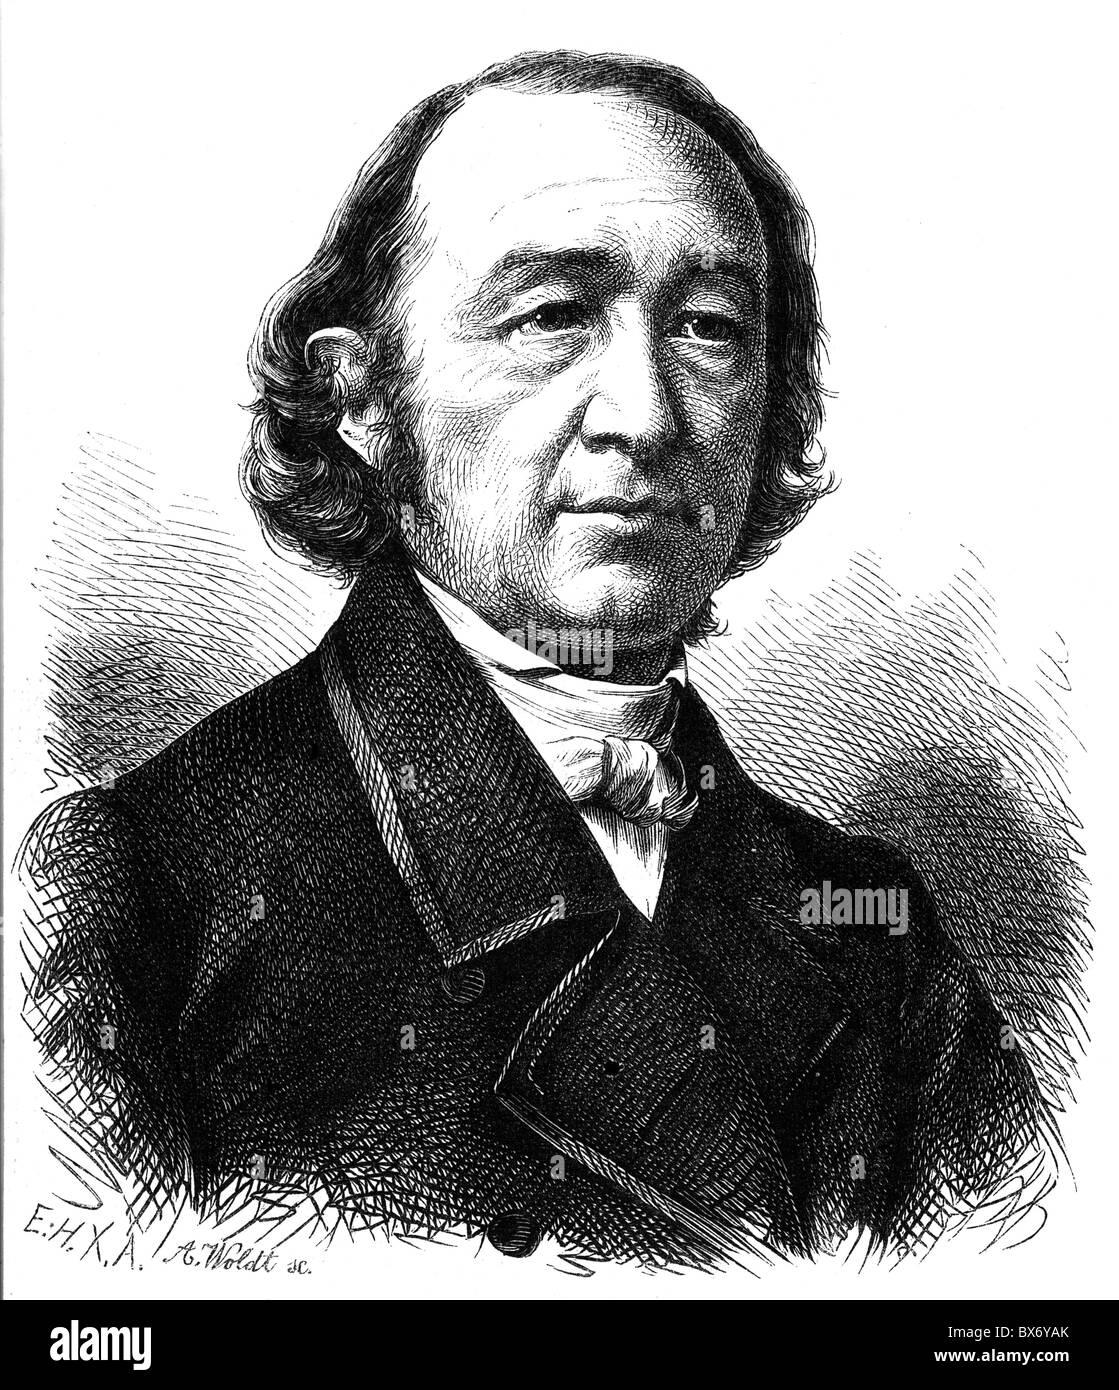 Sturm, Julius, 21.7.1816 - 2.5.1896, deutscher Dichter, Porträt, holzstich von A. Woldt, nach Foto, 19. Jahrhundert, Stockbild